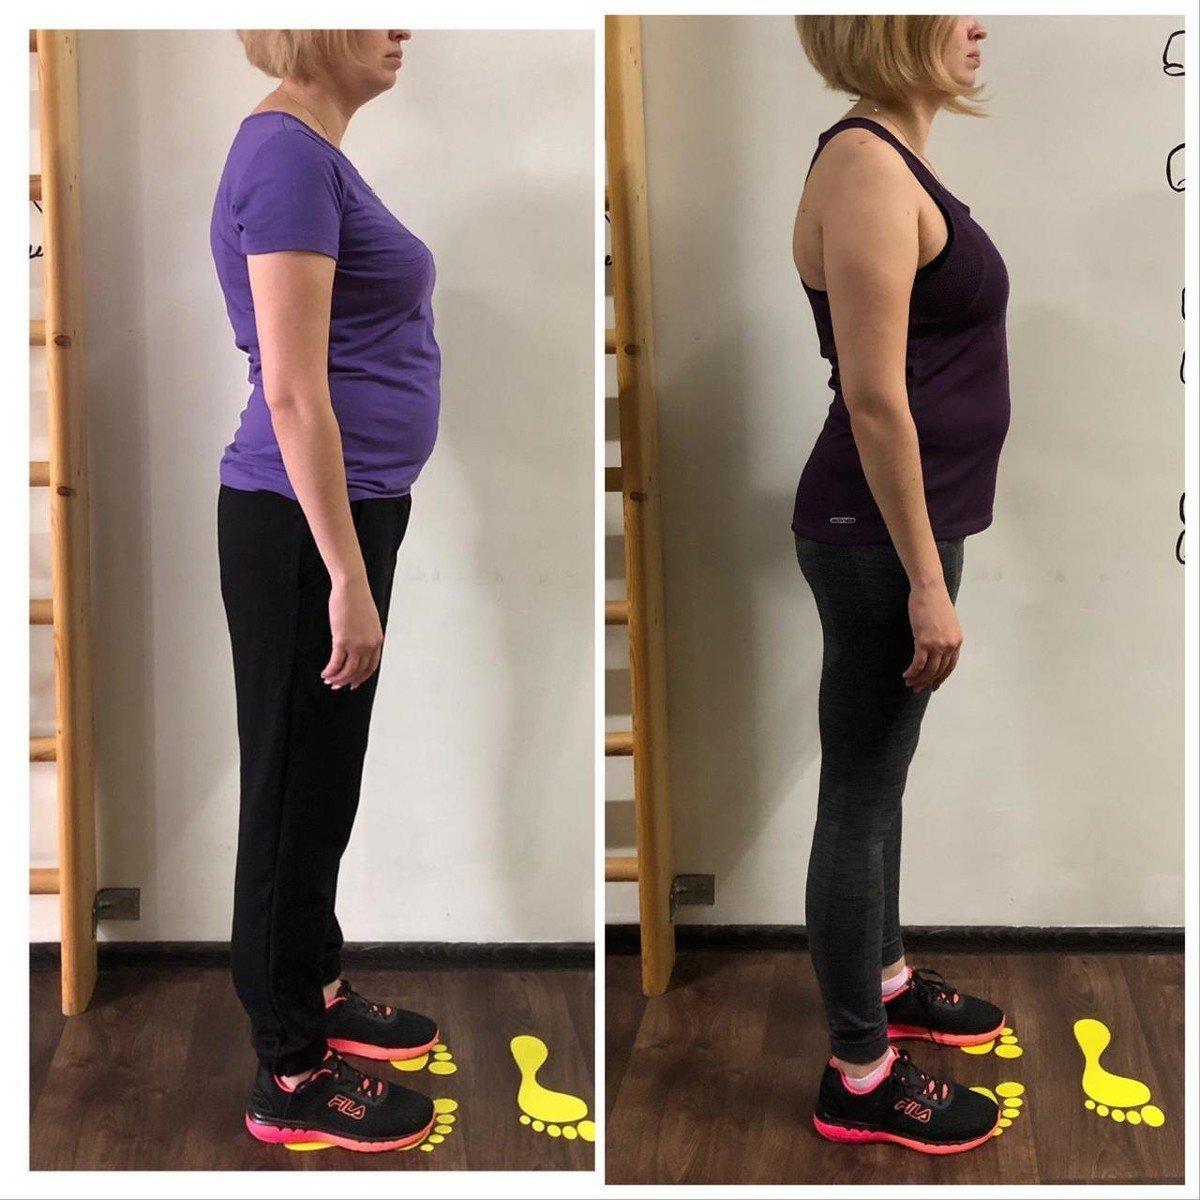 Практик пермь похудения